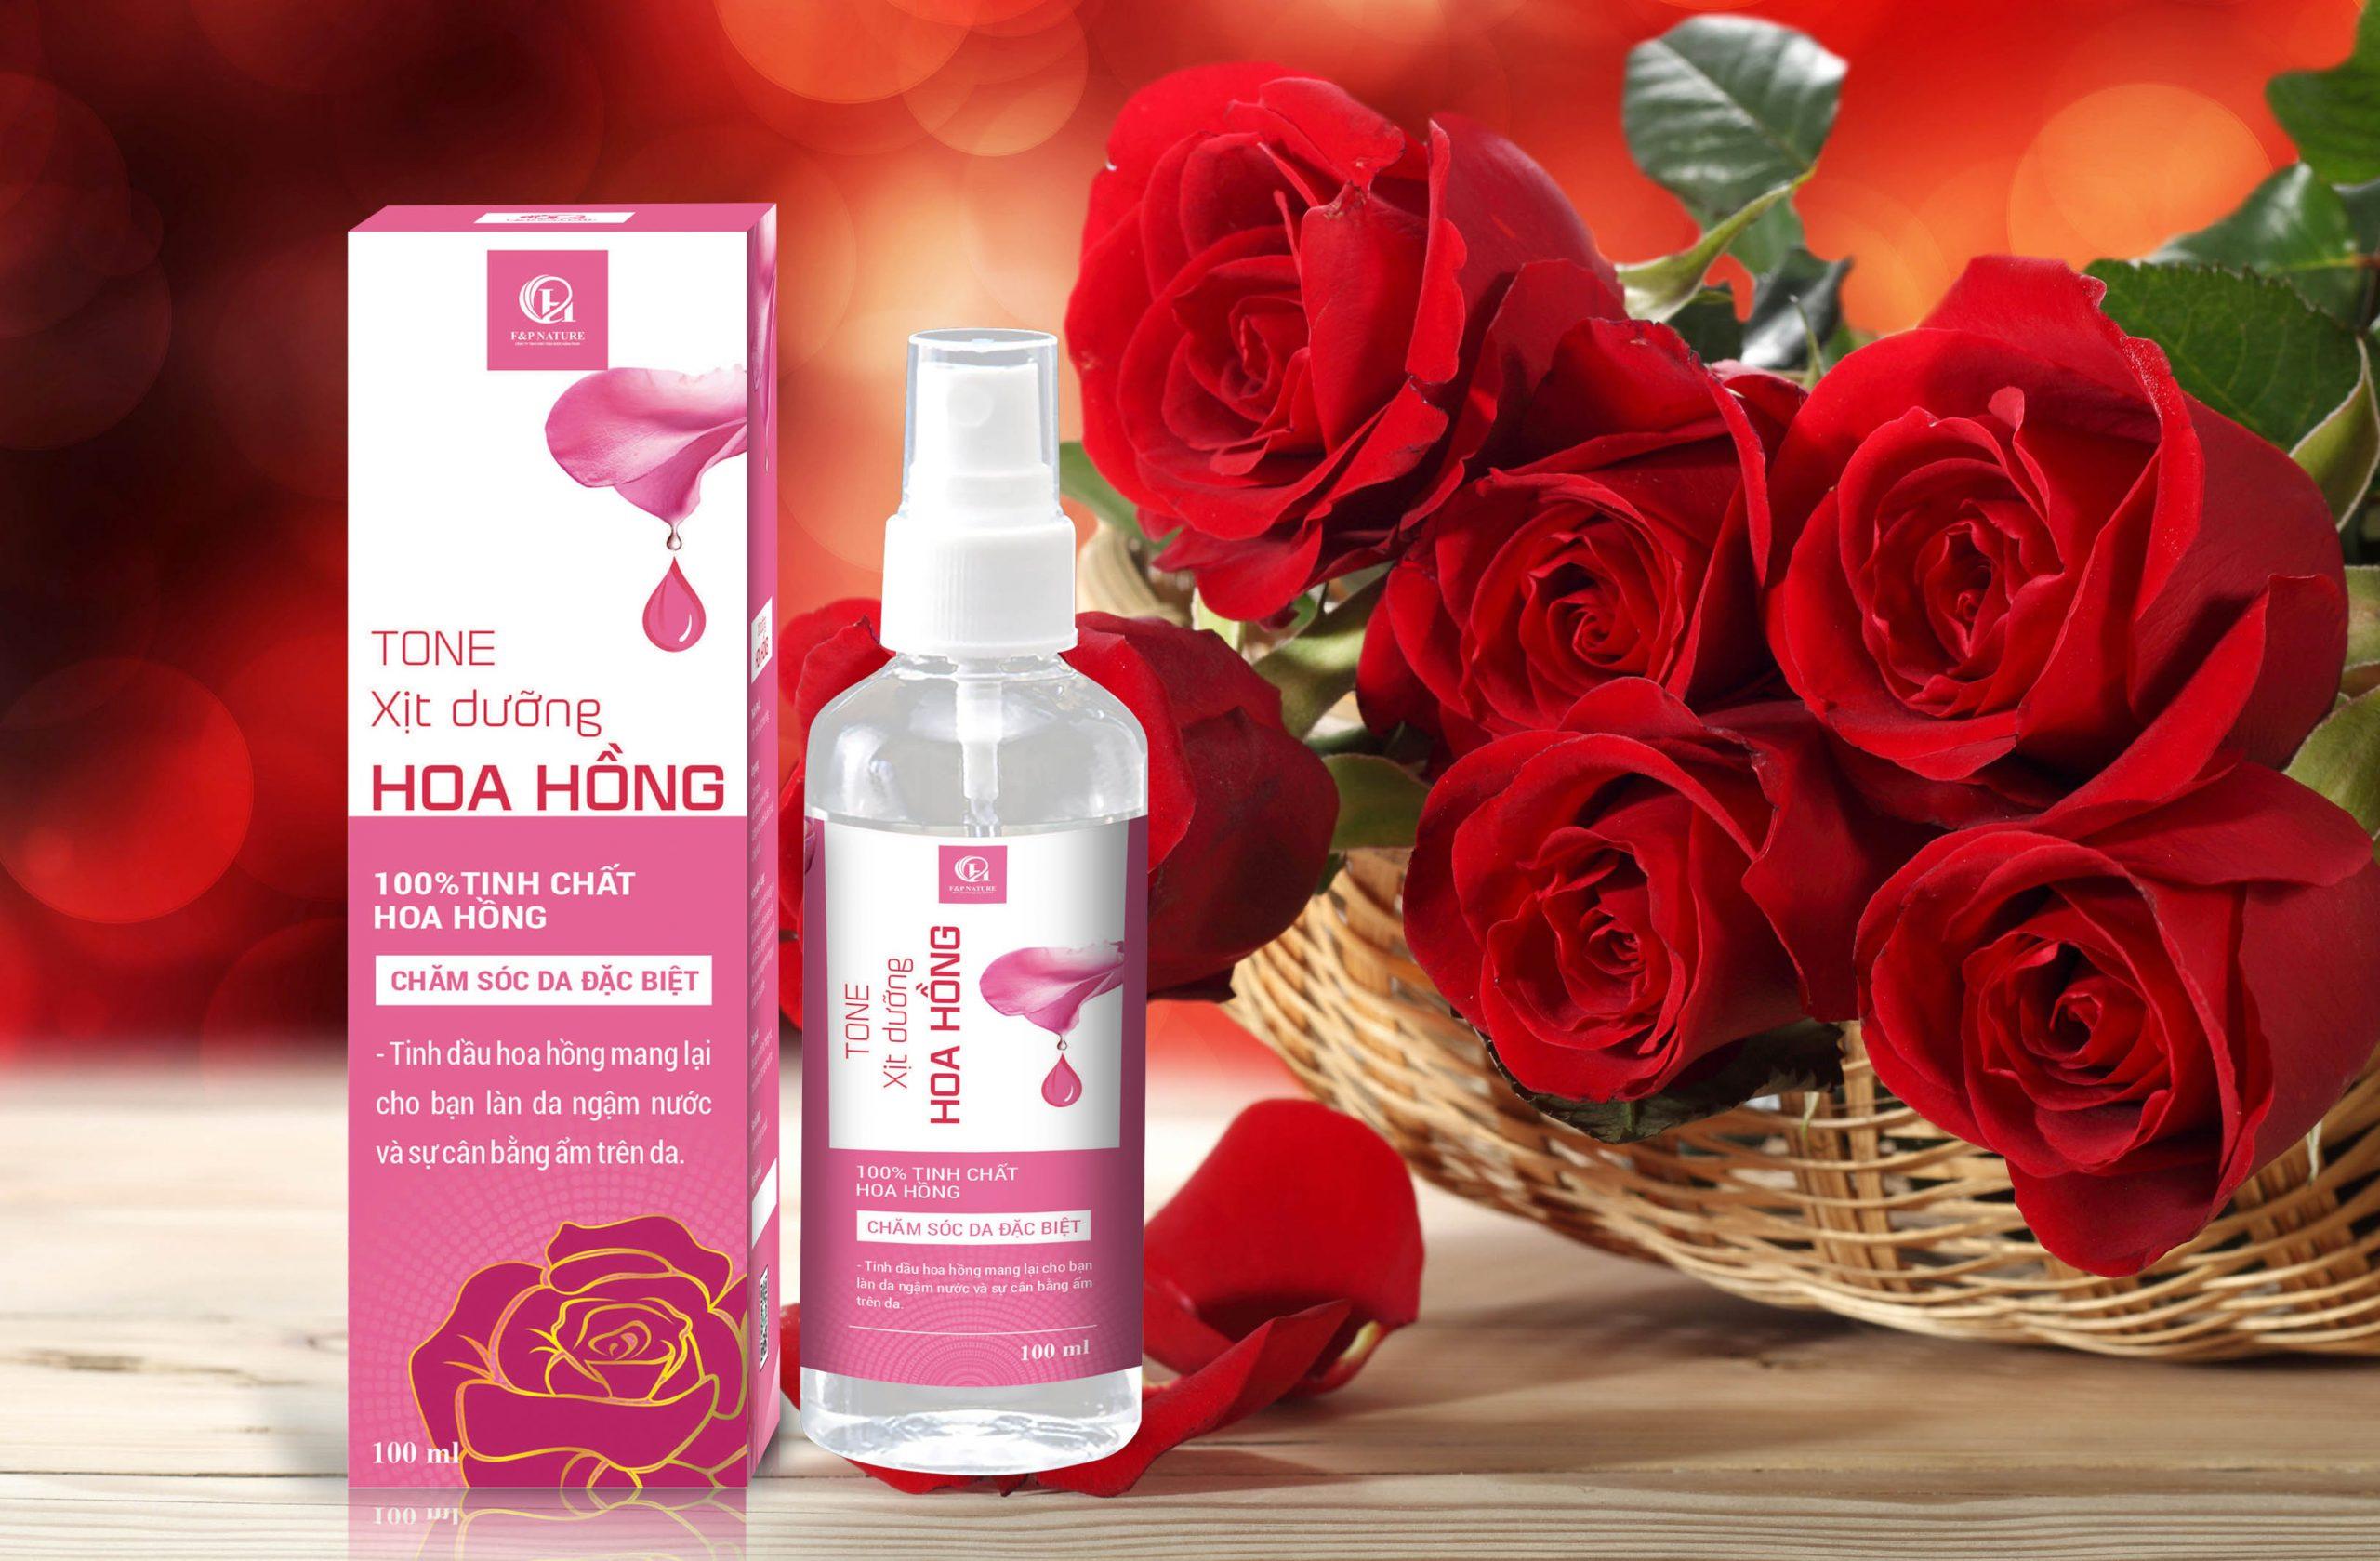 Công dụng của nước hoa hồng nguyên chất